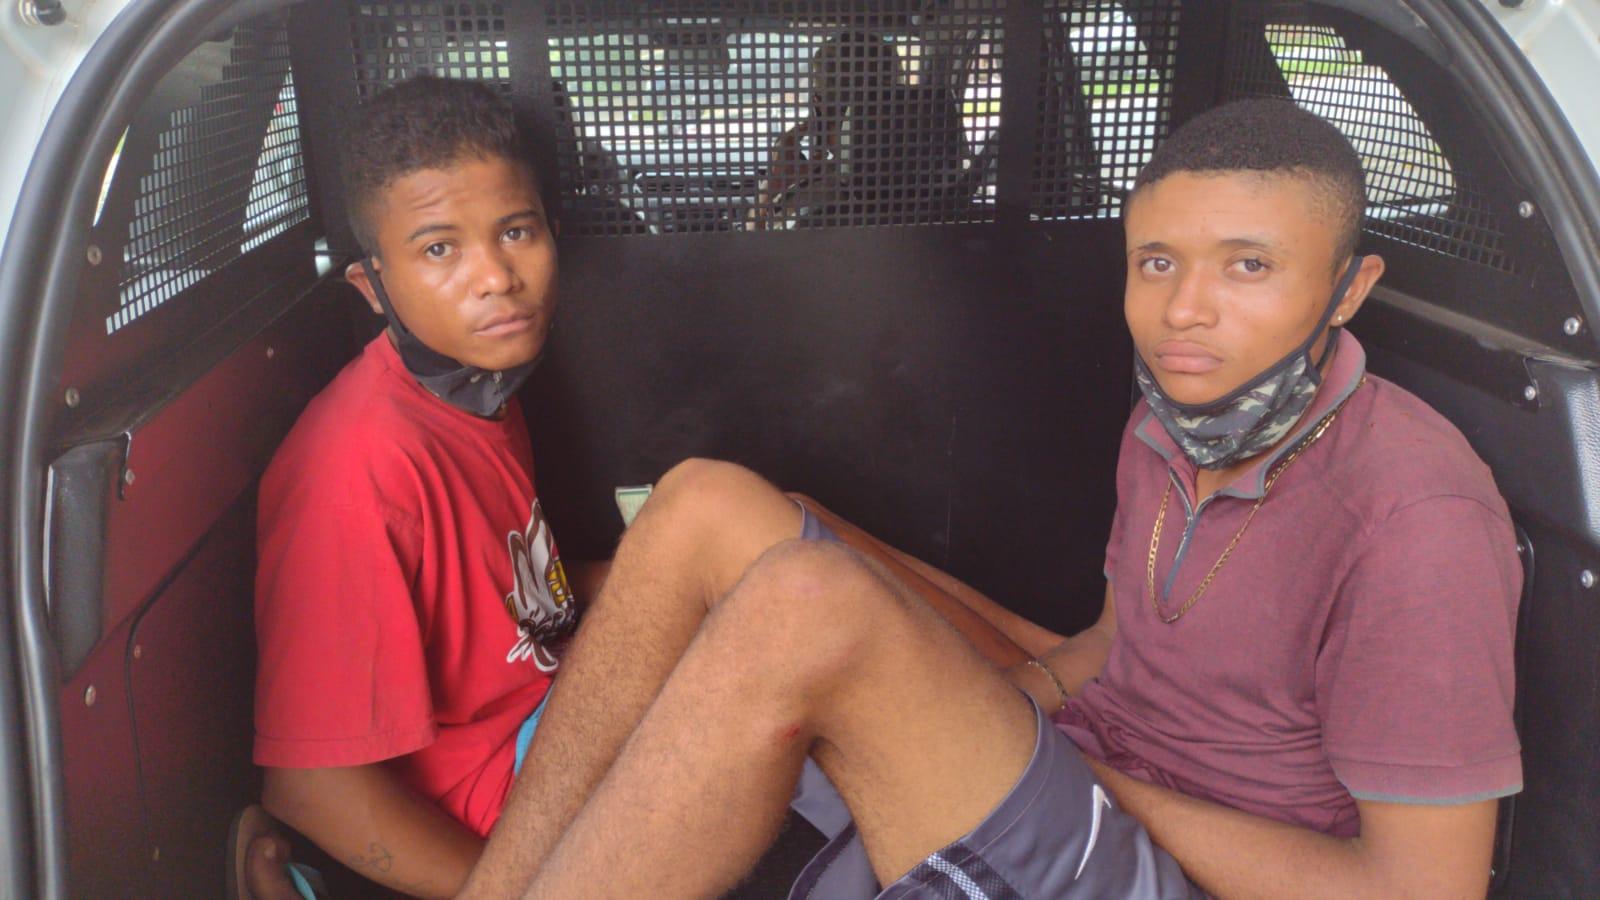 Suspeitos de assalto foram presos após fugir da Polícia | FOTO: Reprodução